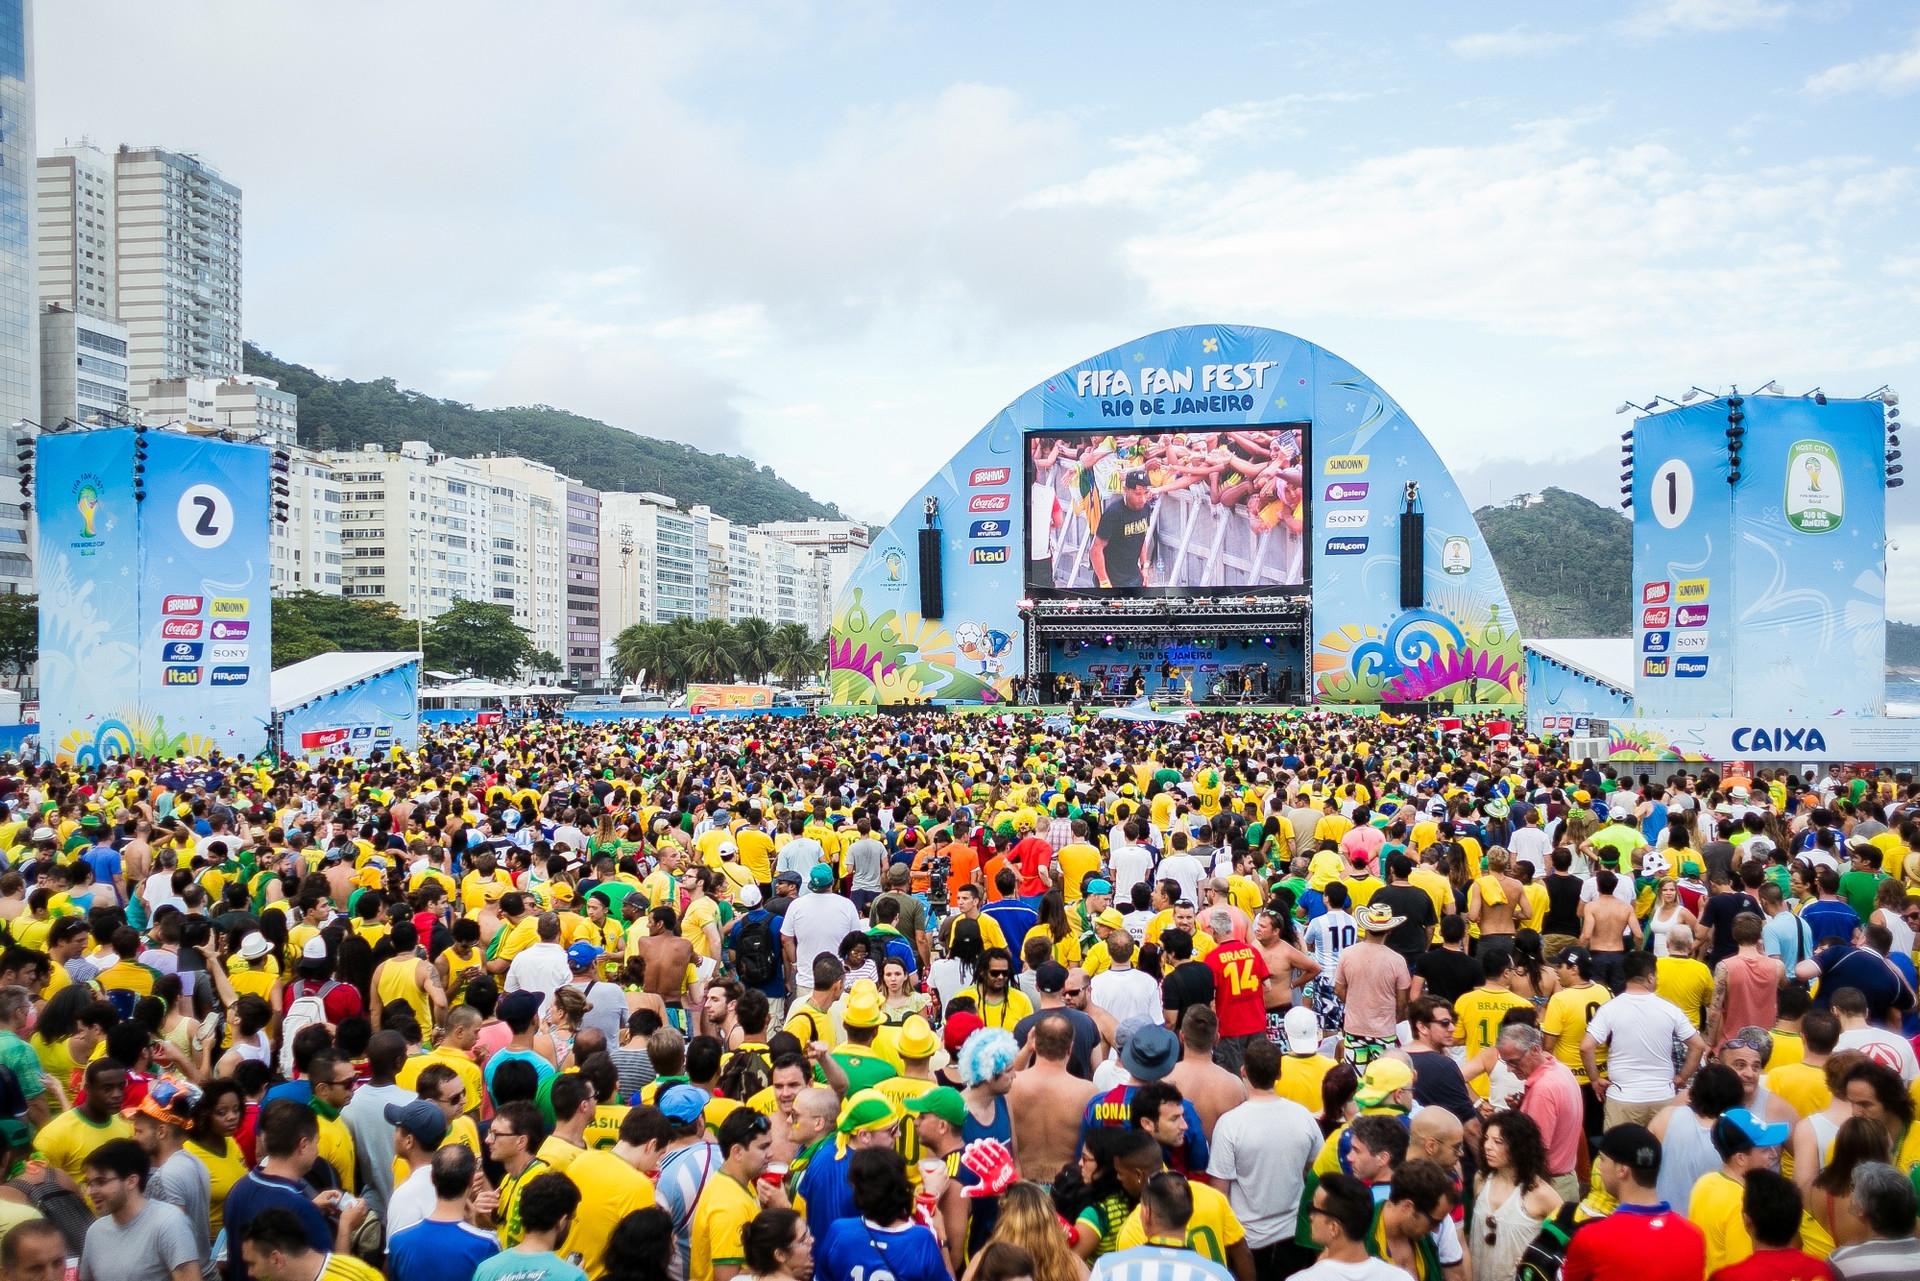 FIFA Fan Fest.jpg